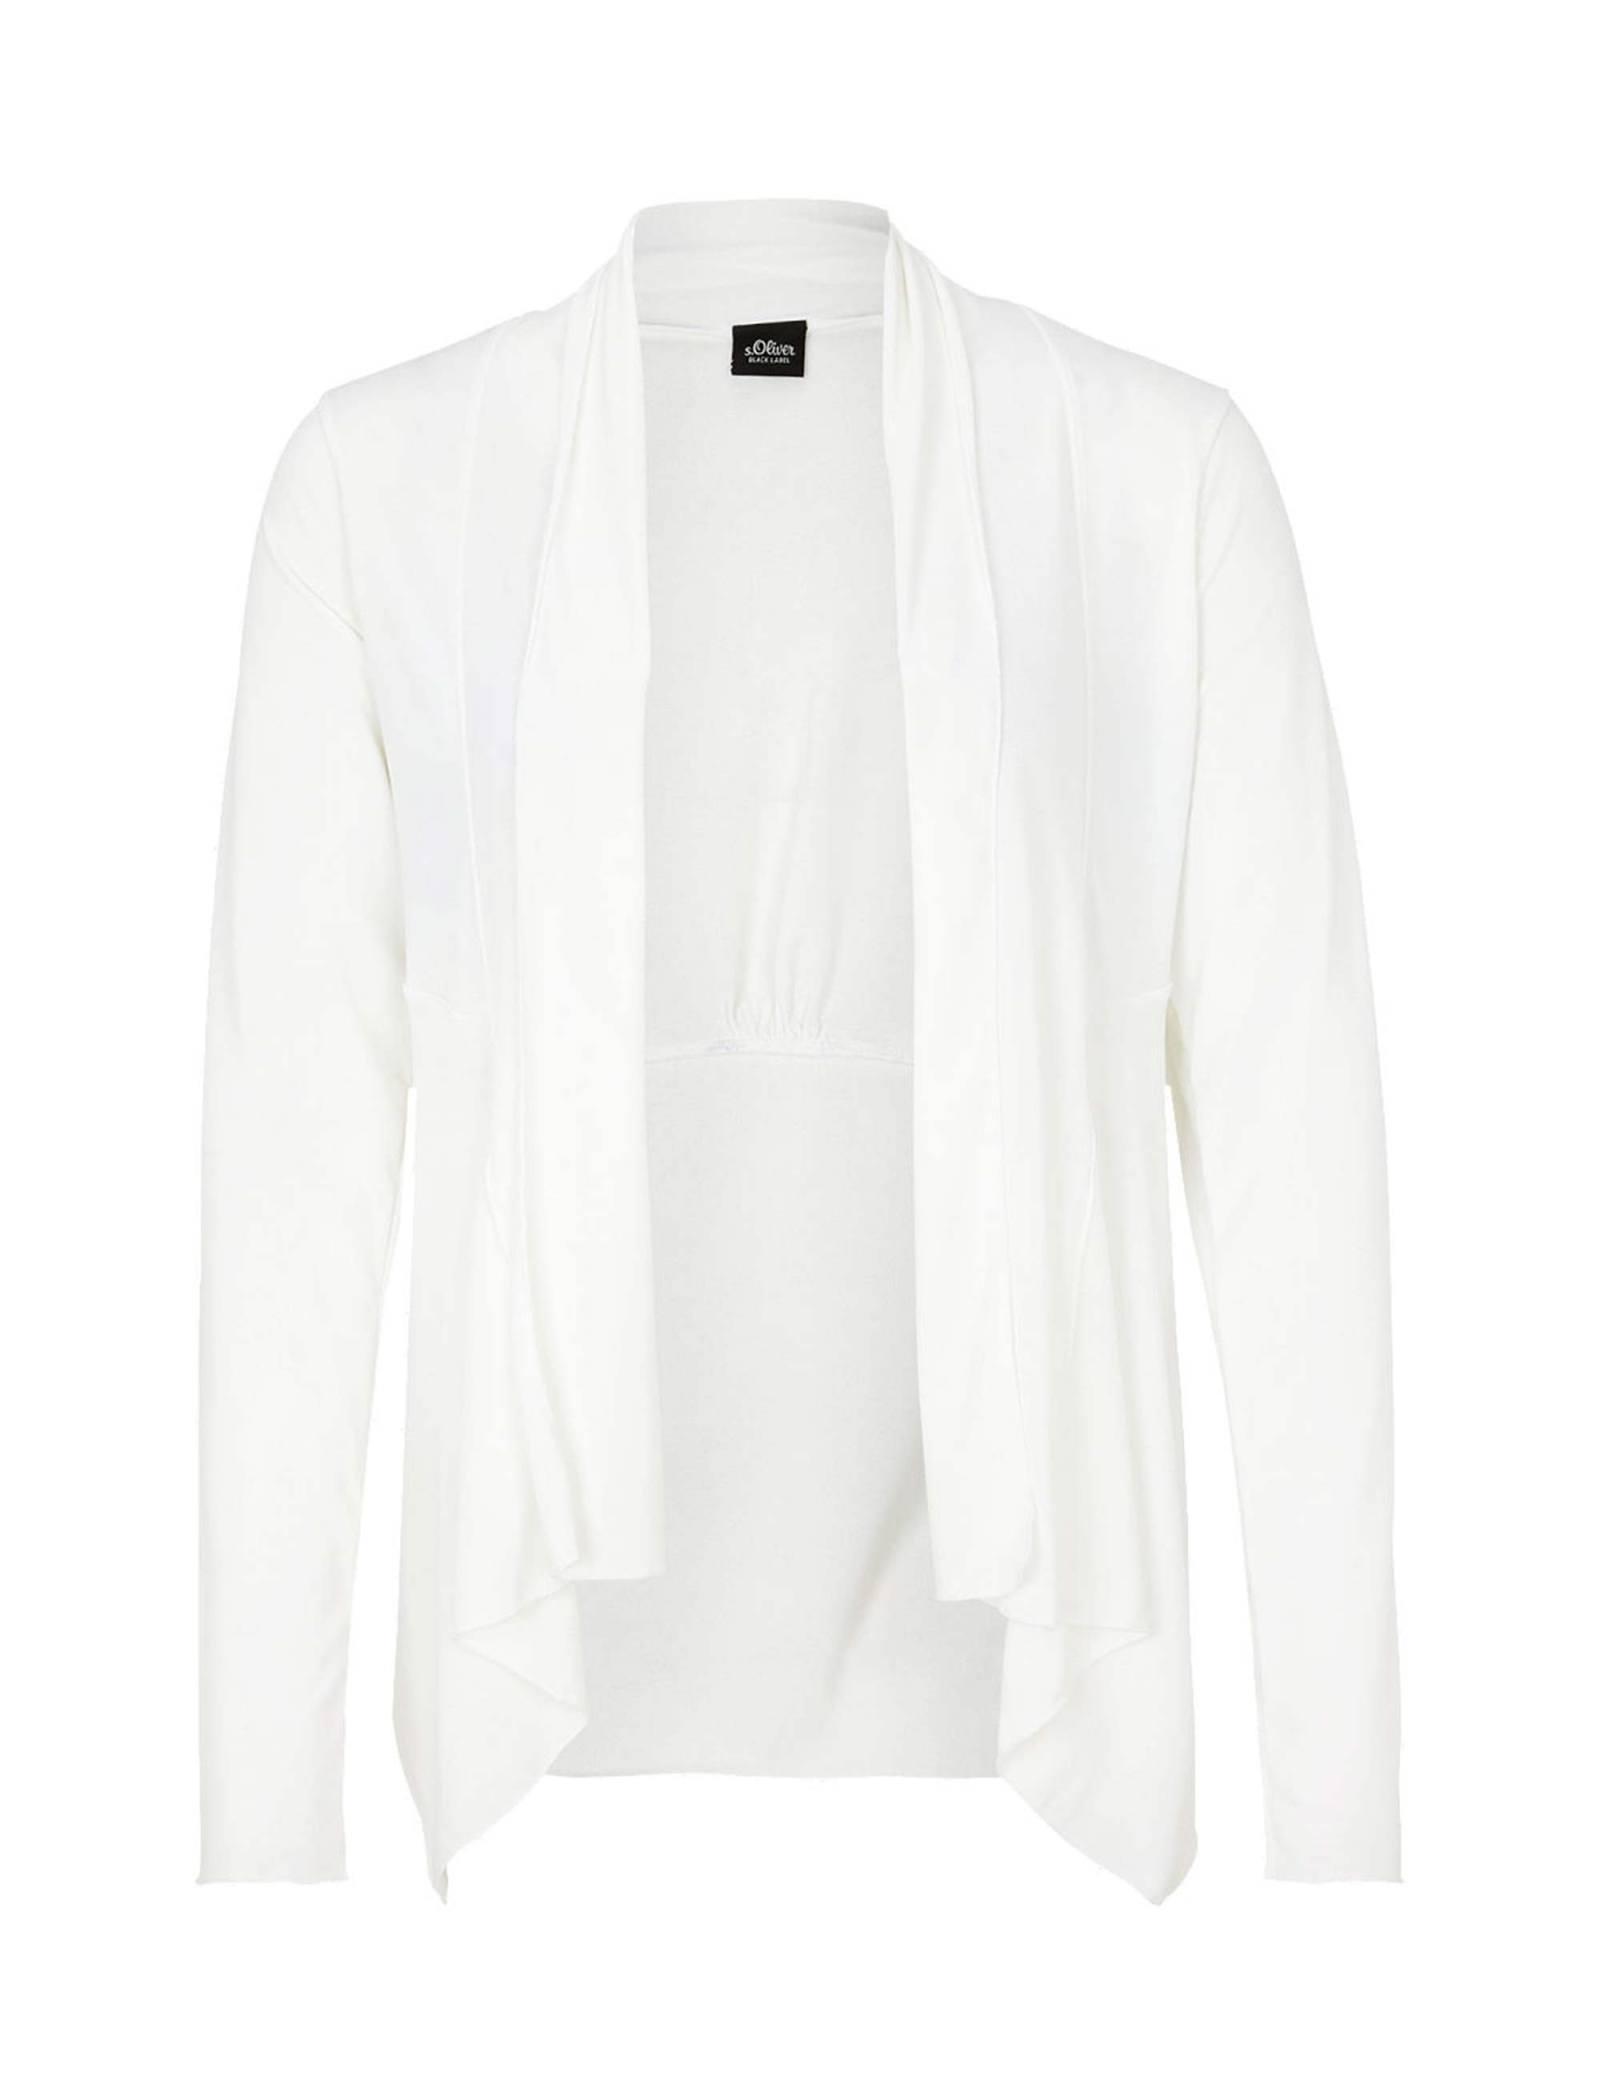 رویه لباس ساده زنانه - اس.اولیور - سفيد - 1